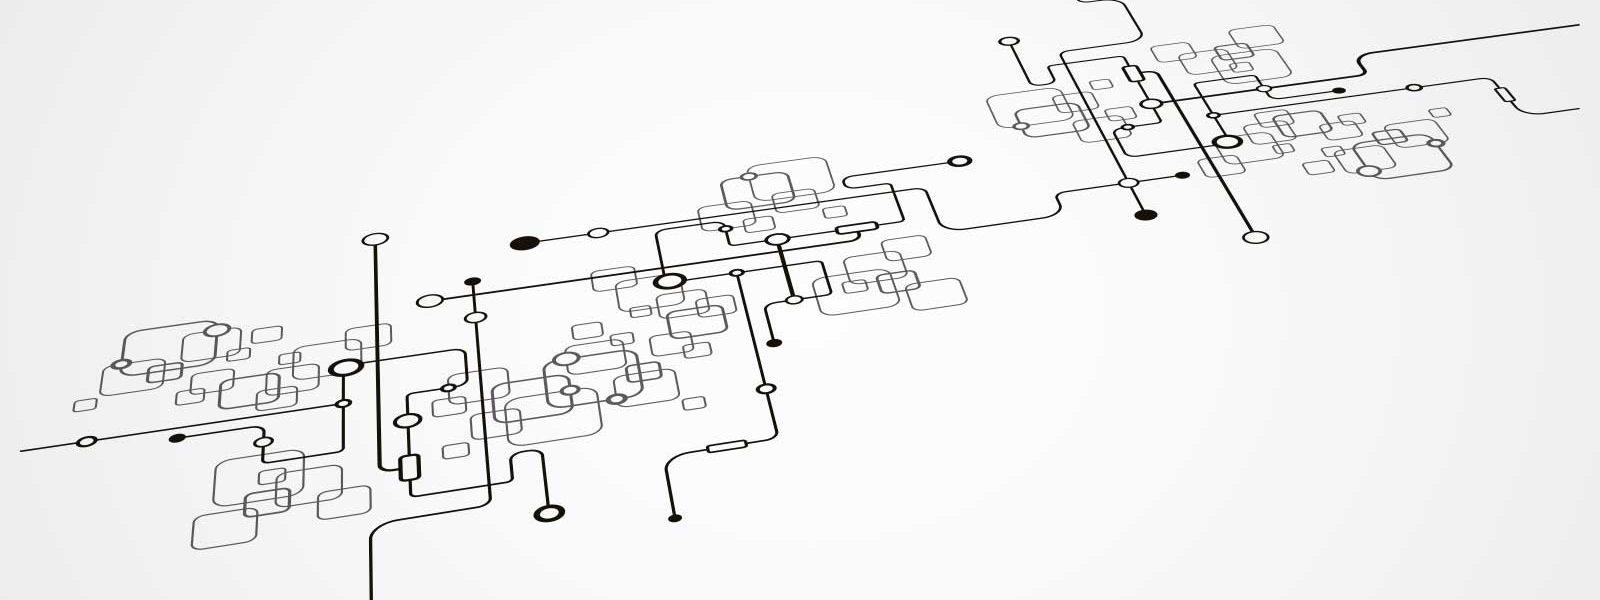 Elektronik Entwicklung, Produktion & Reparatur Bremen